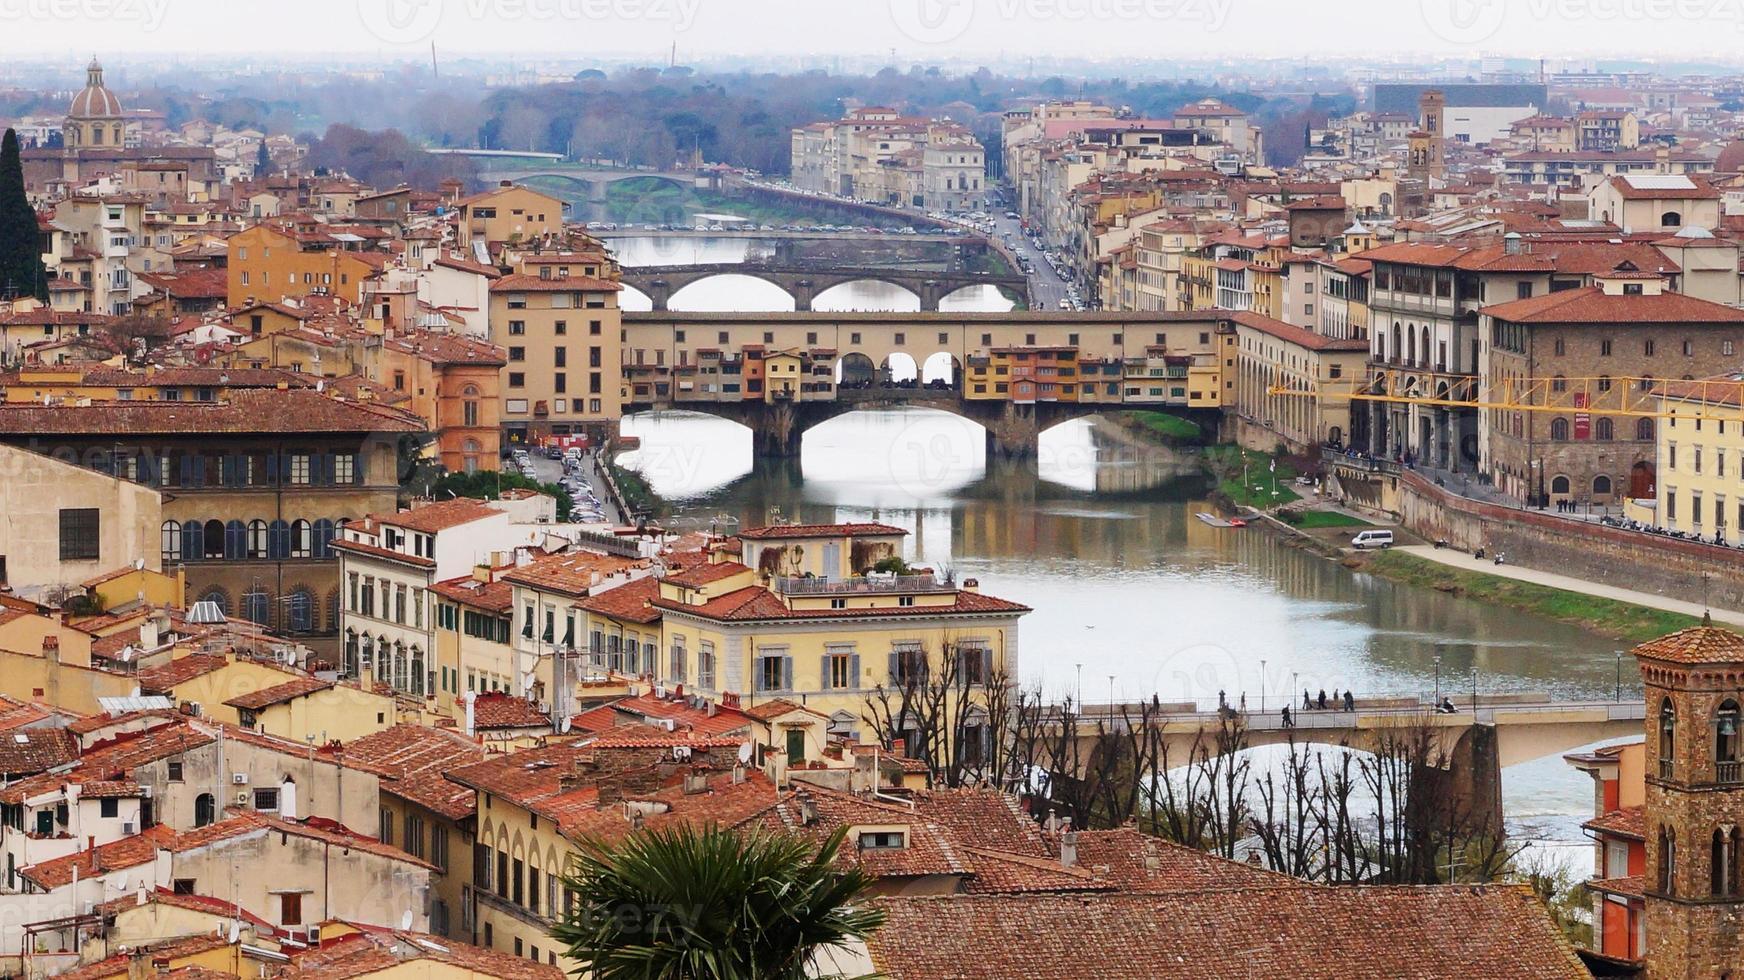 ponte vecchio, firenze, italia foto